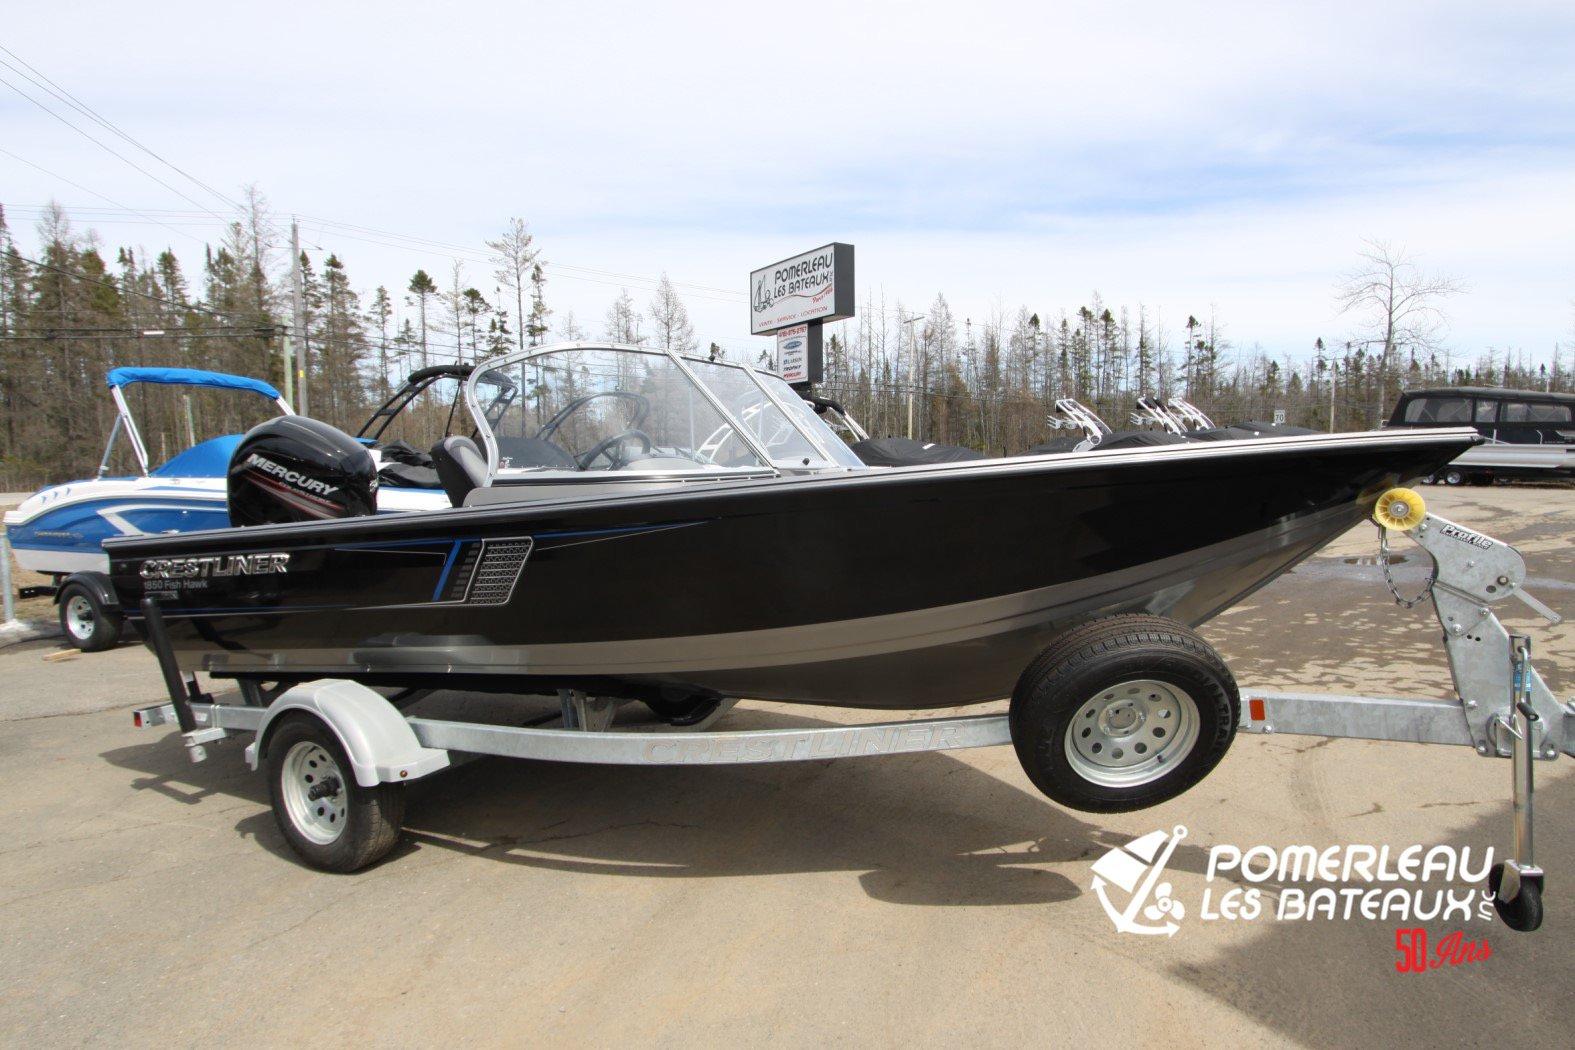 Crestliner Fish Hawk 1850 Platinum - IMG_2285